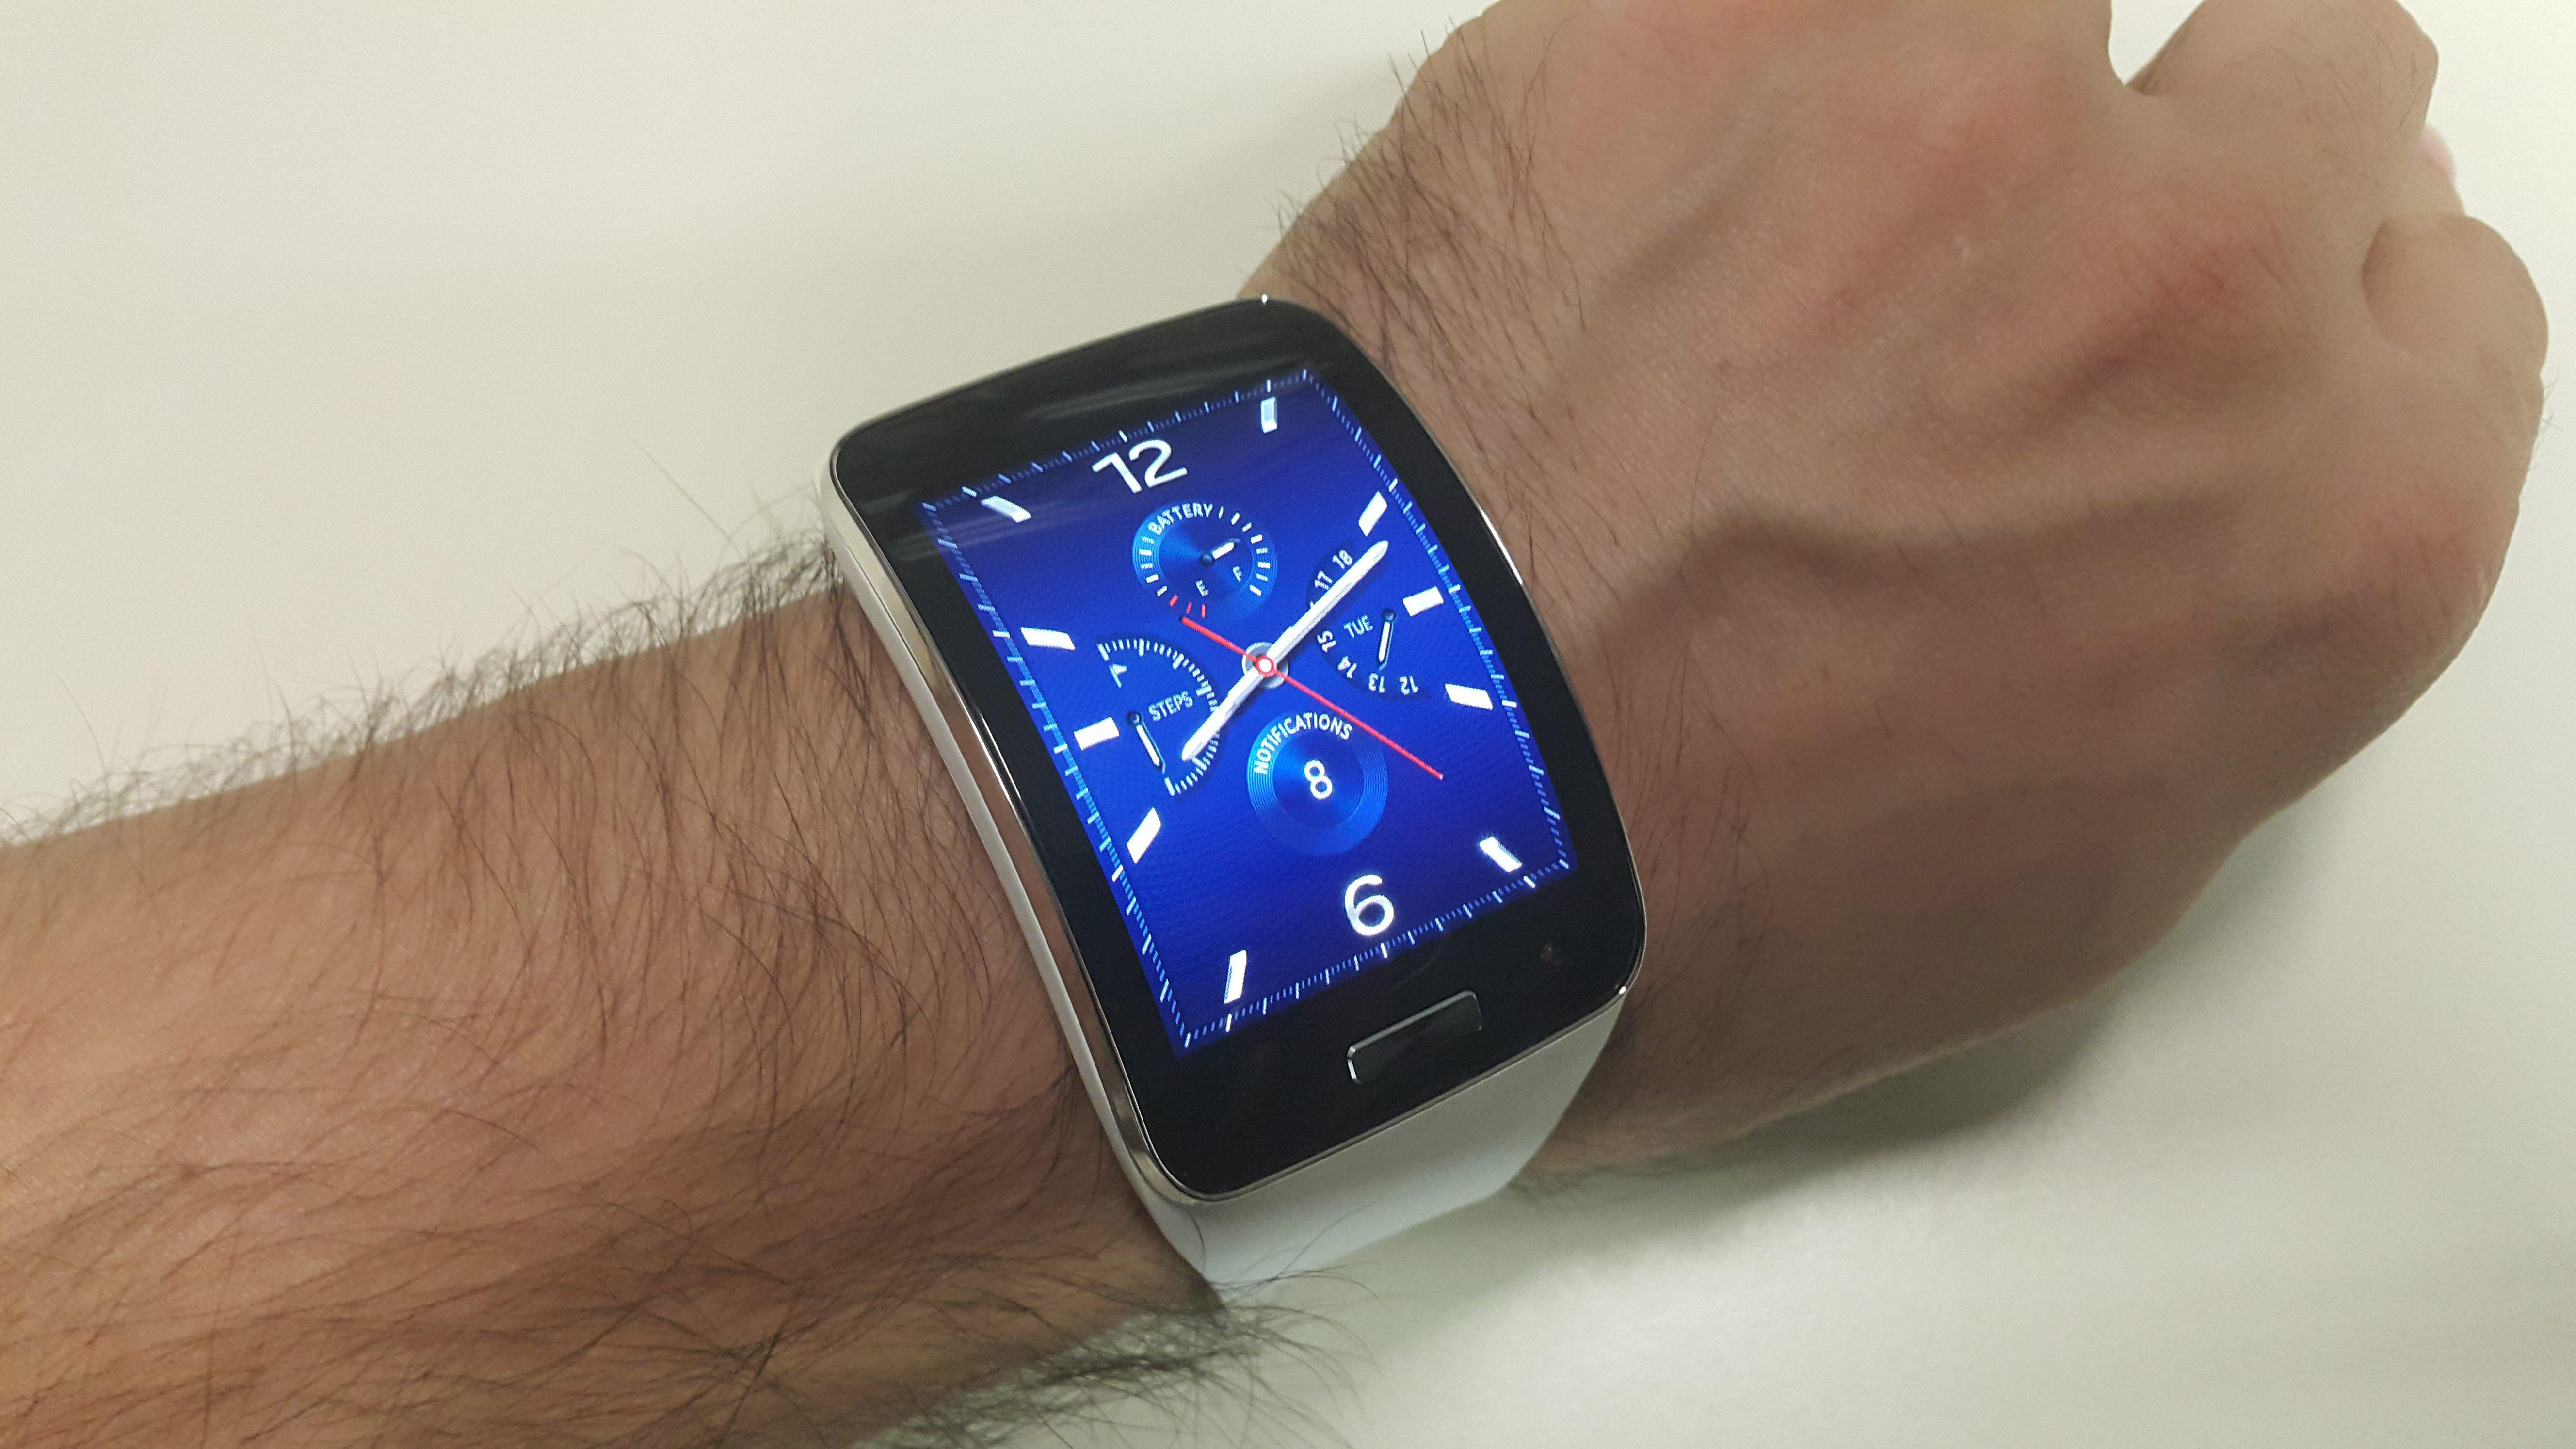 Samsung Gear S ak�ll� saatin foto�raflar�